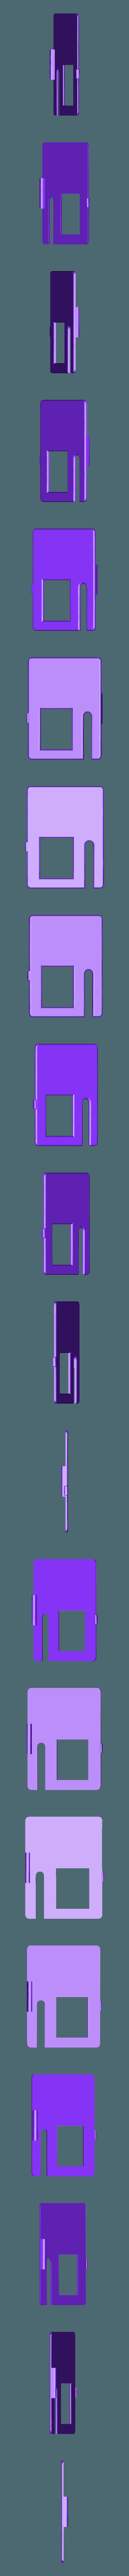 gluco_case_LID_.stl Télécharger fichier STL gratuit glucomètre FreeStyle Optium Neo • Modèle pour impression 3D, rubenzilzer